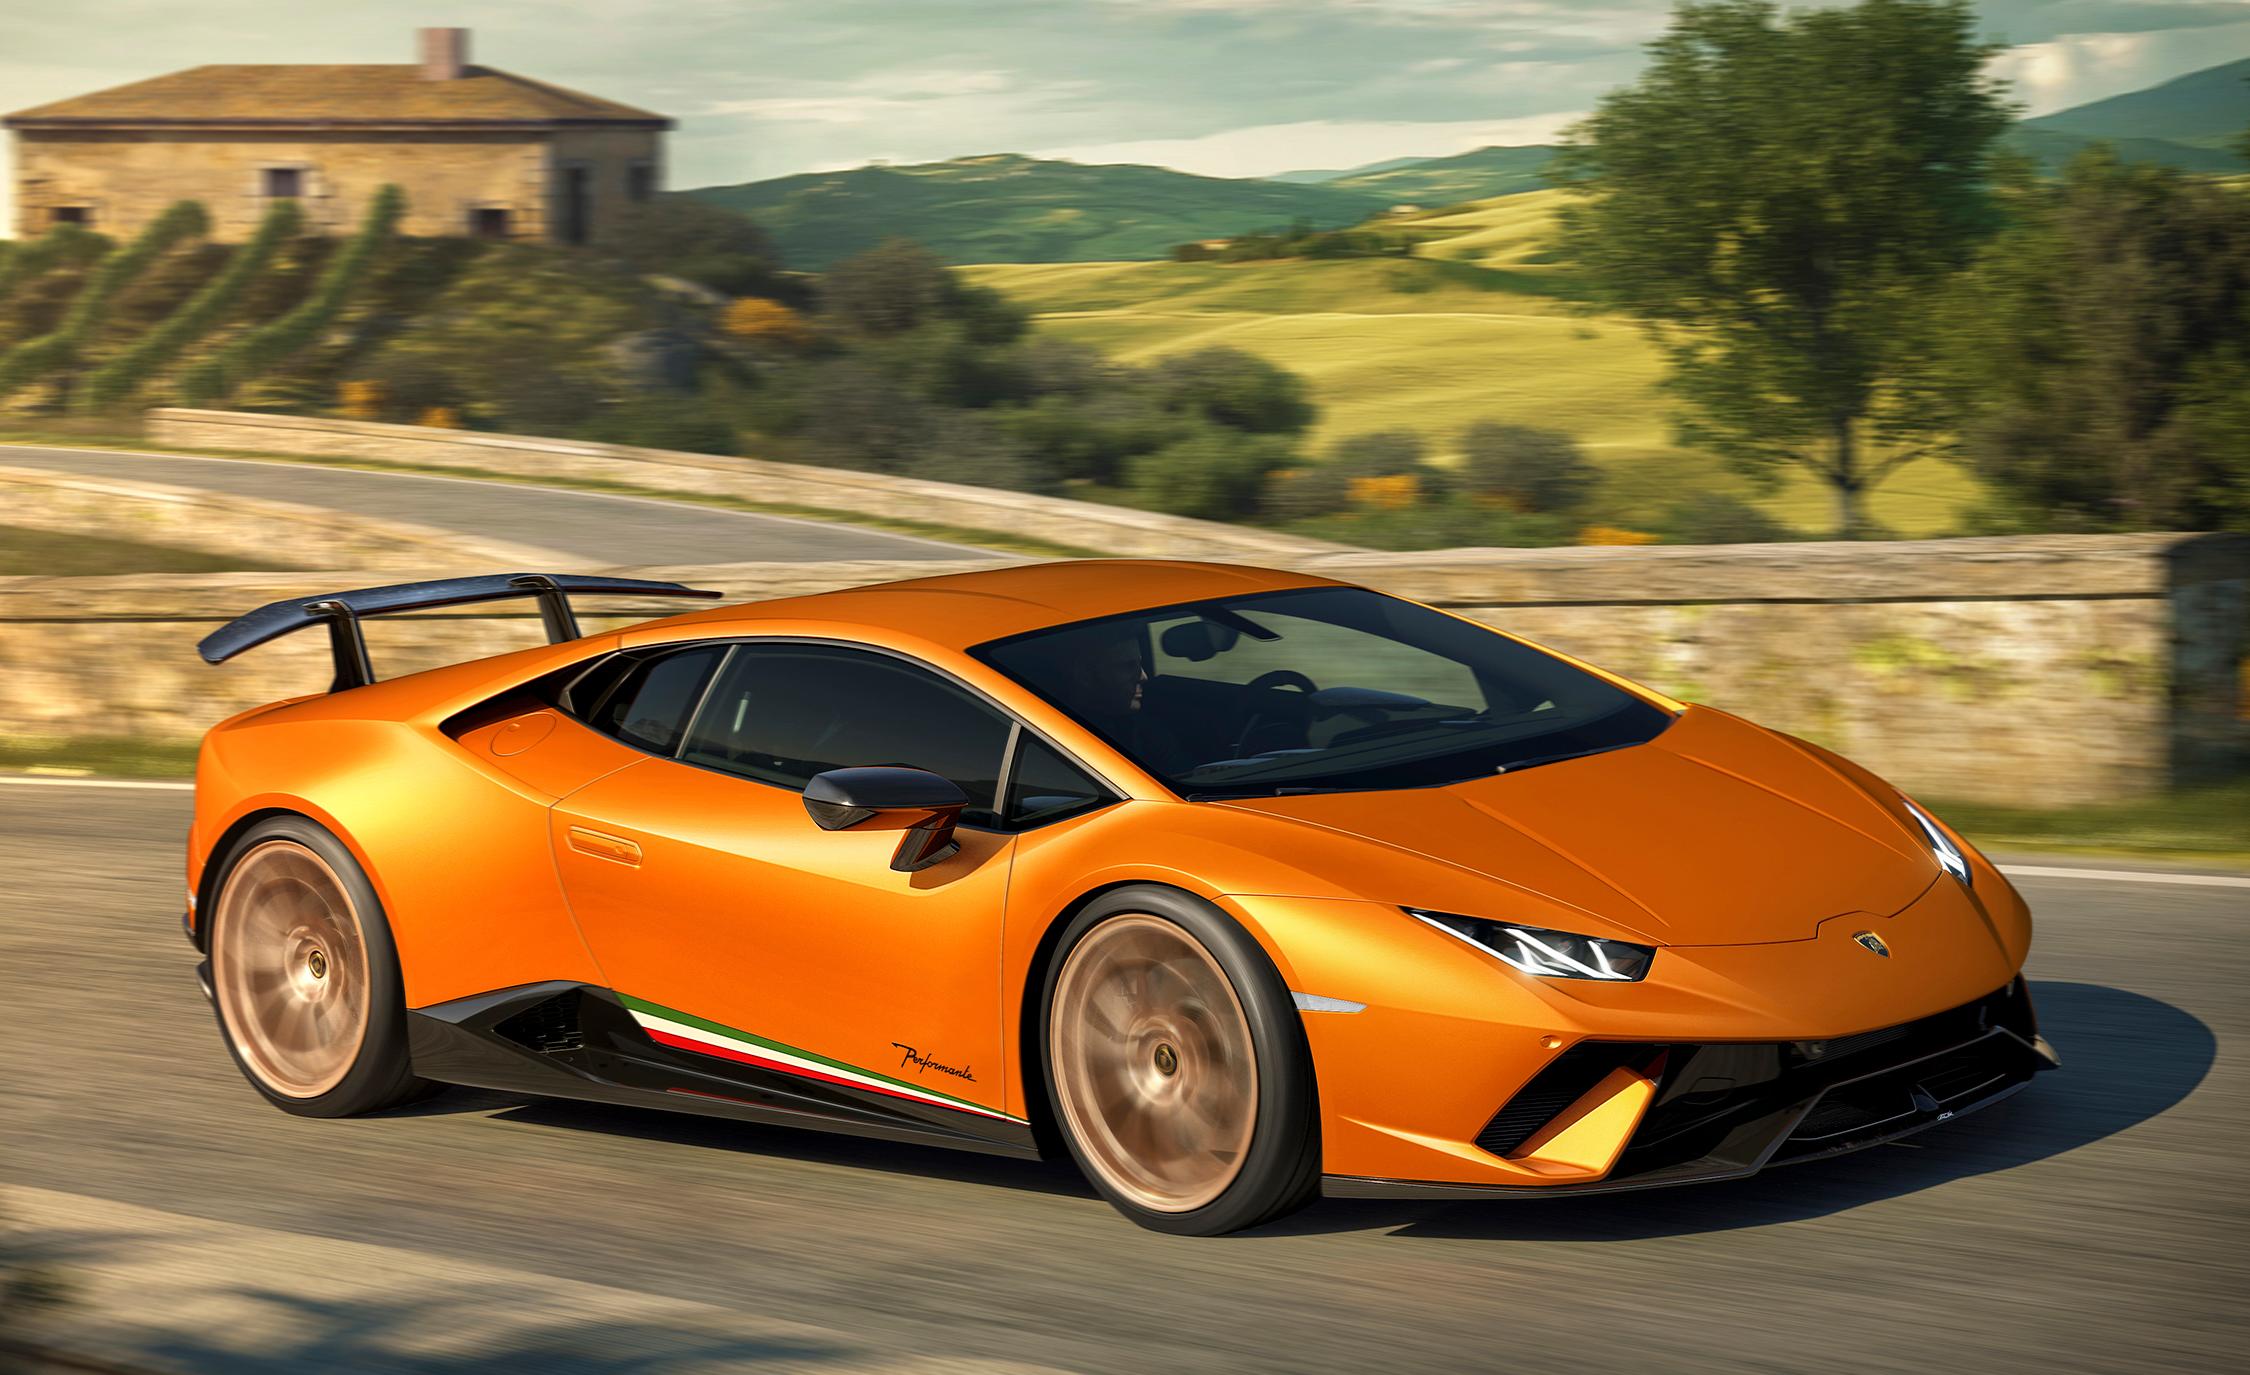 2018 Lamborghini Huracan Performante: A Four-Wheel-Drive Aerodynamic All-Timer